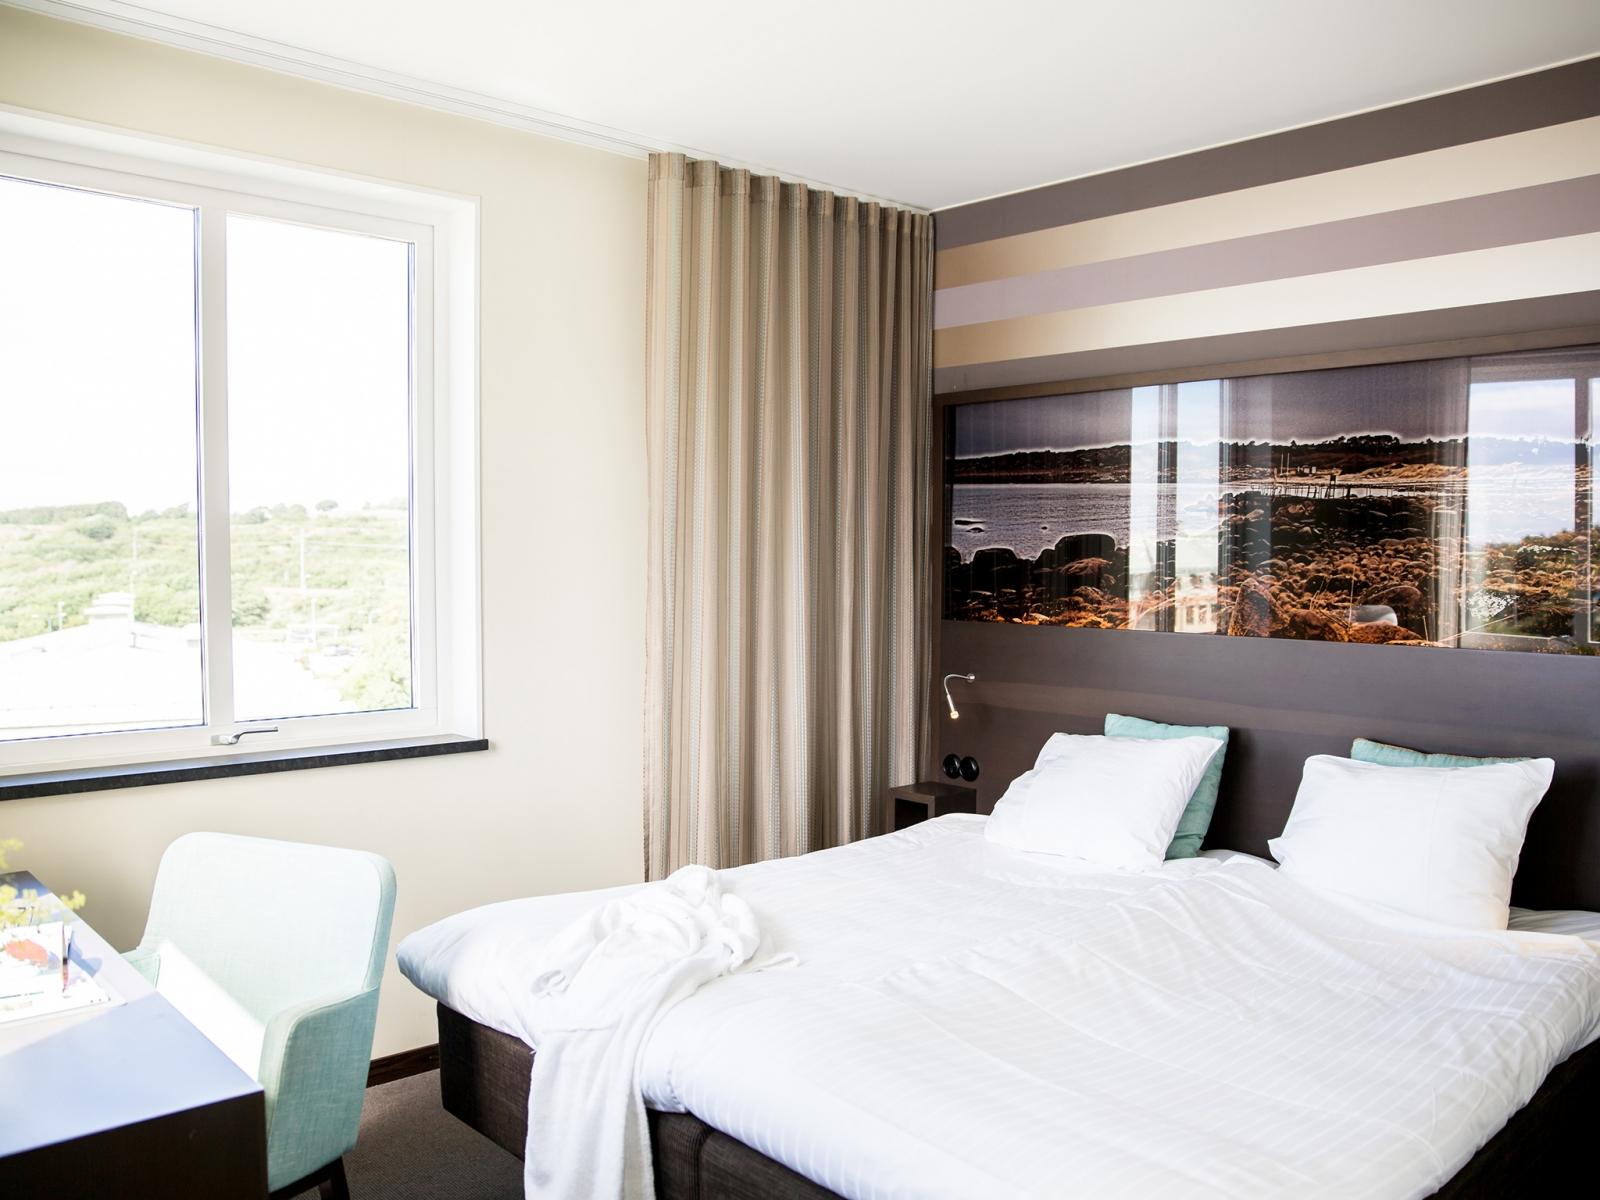 nuru massage dk hotel i københavn med spa på værelset